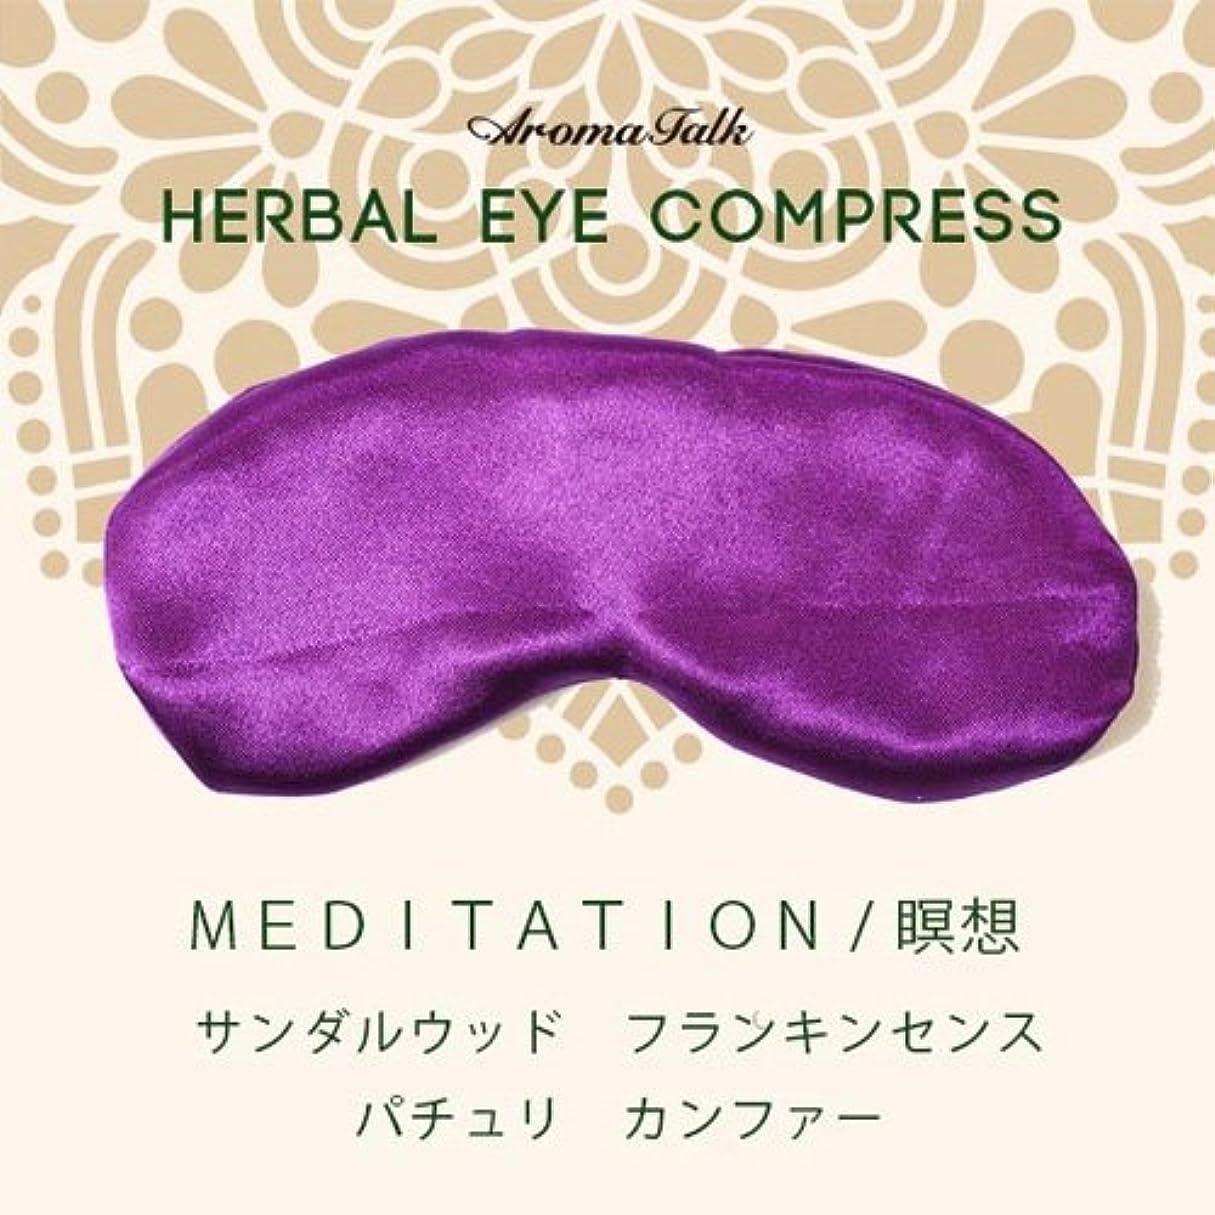 代理店図書館ラベルハーバルアイコンプレス「メディテイション 瞑想」紫/禅をイメージしたウッド系の香り